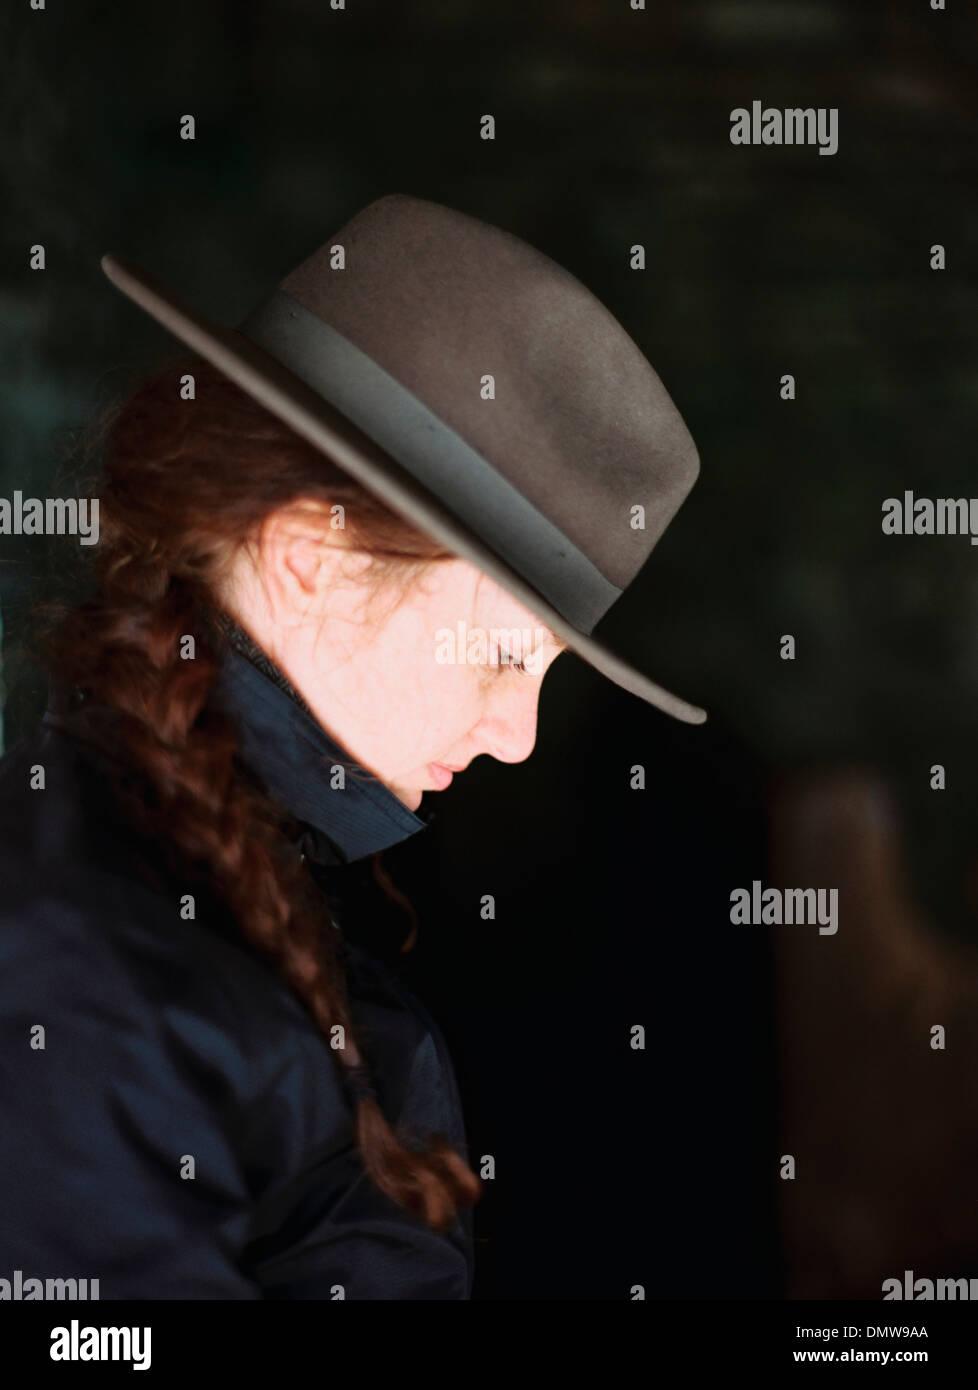 Perfil de una mujer con sombrero de fieltro con ala ancha. Imagen De Stock